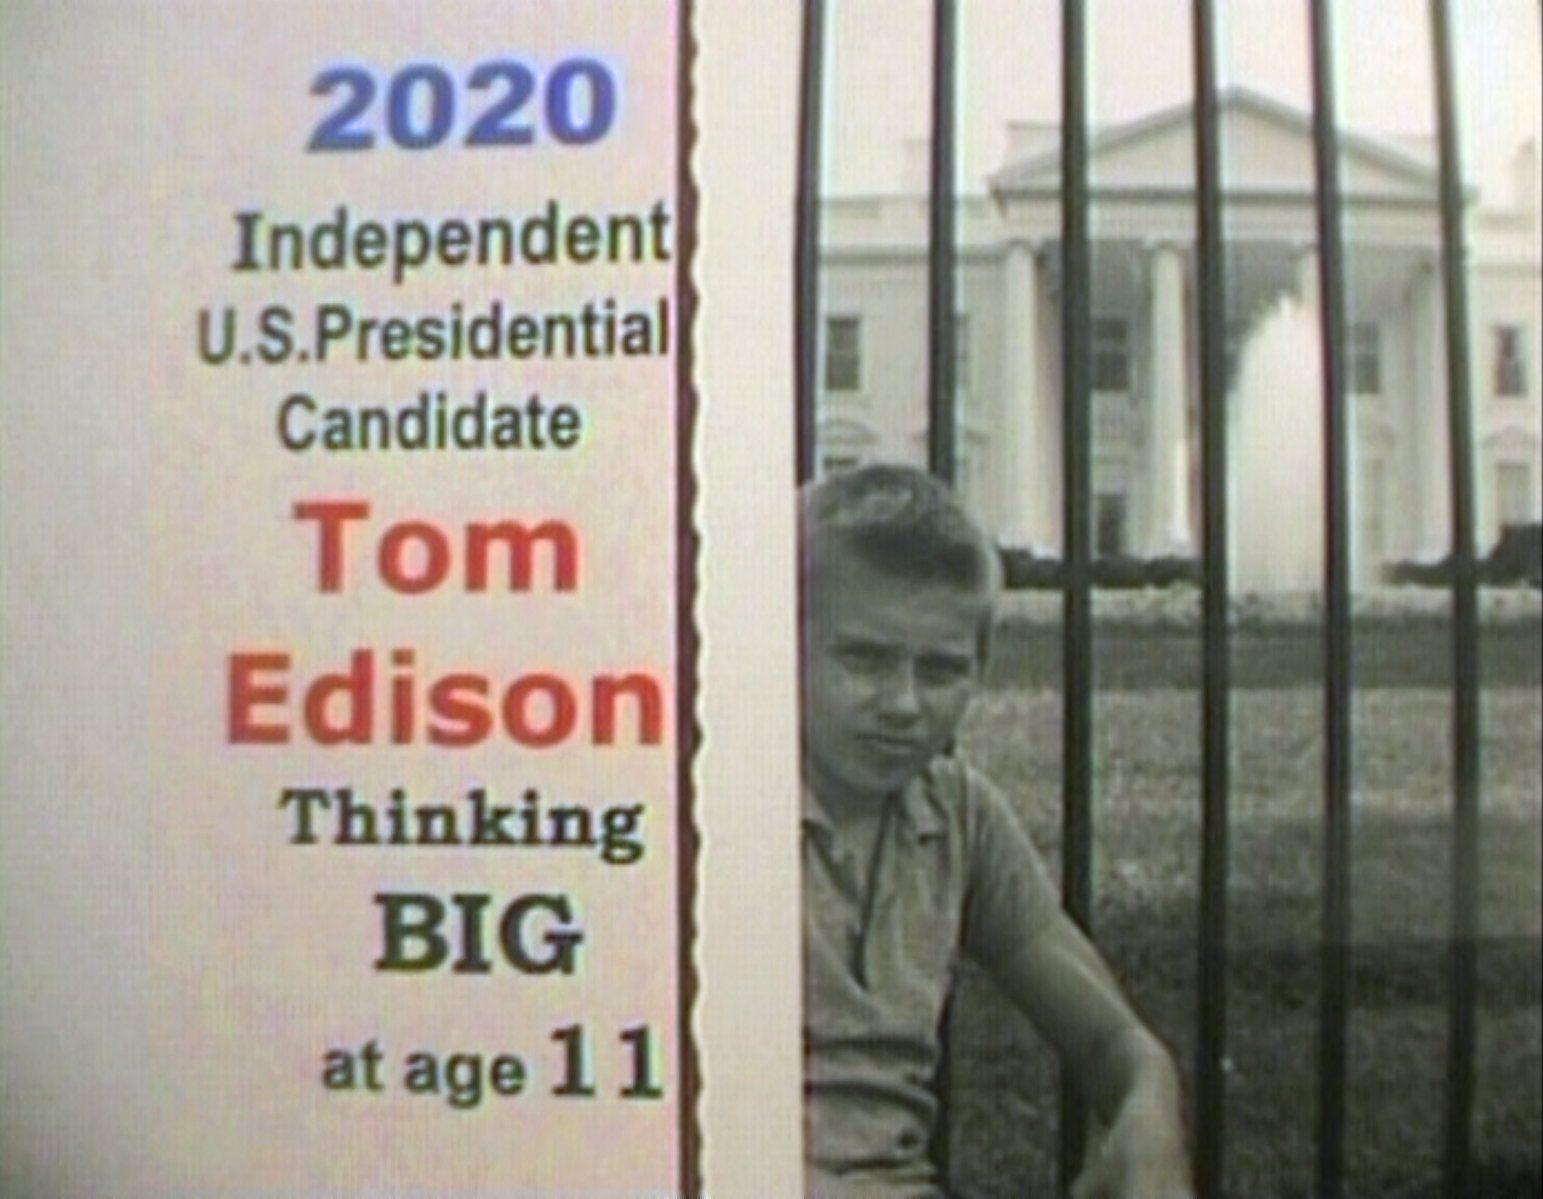 2020 President Tom Edison